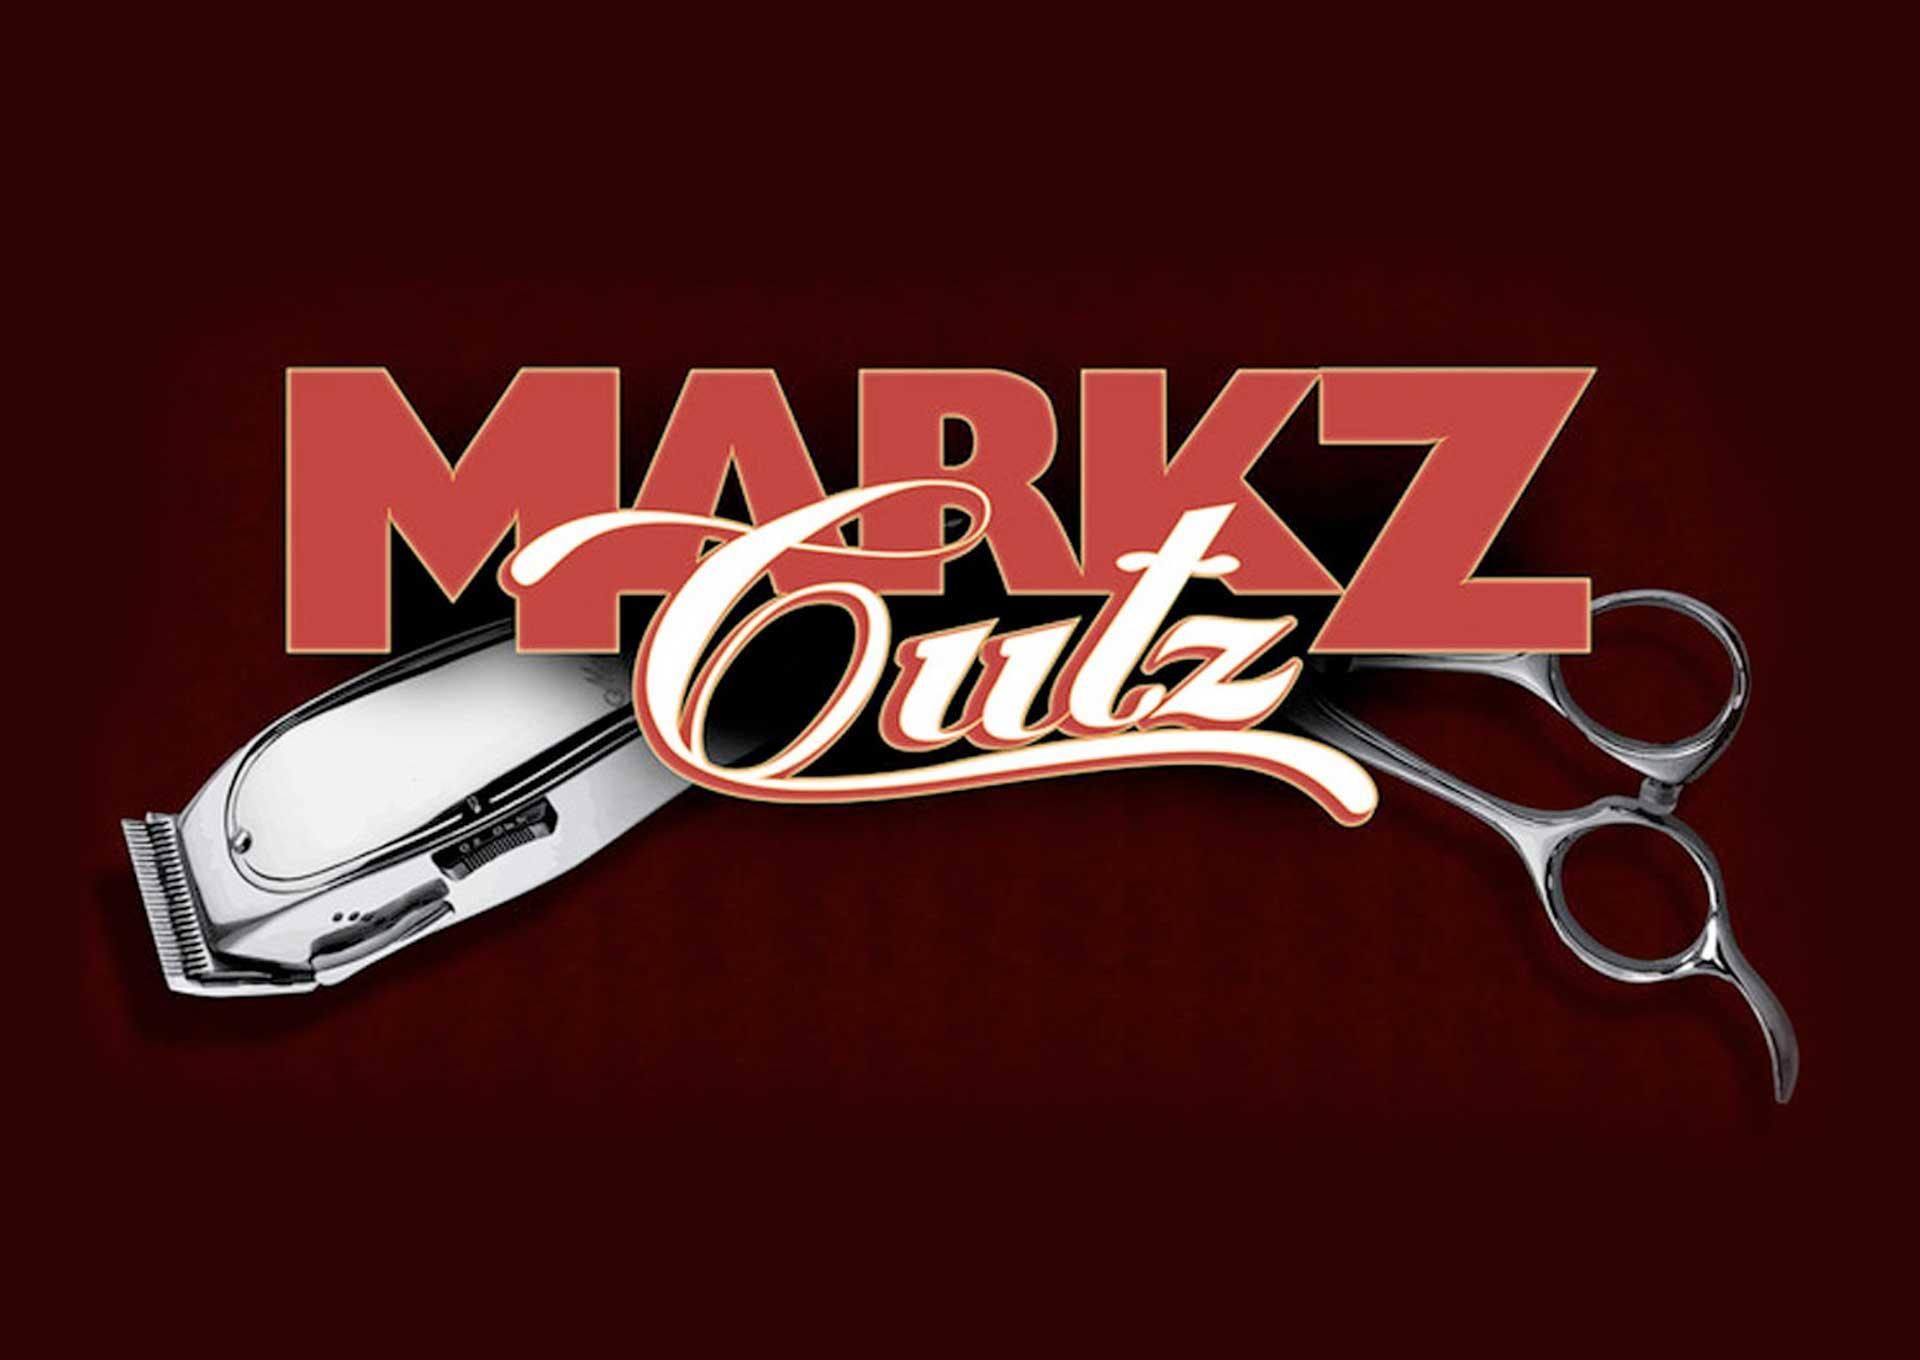 portfolio-markz-cutz2